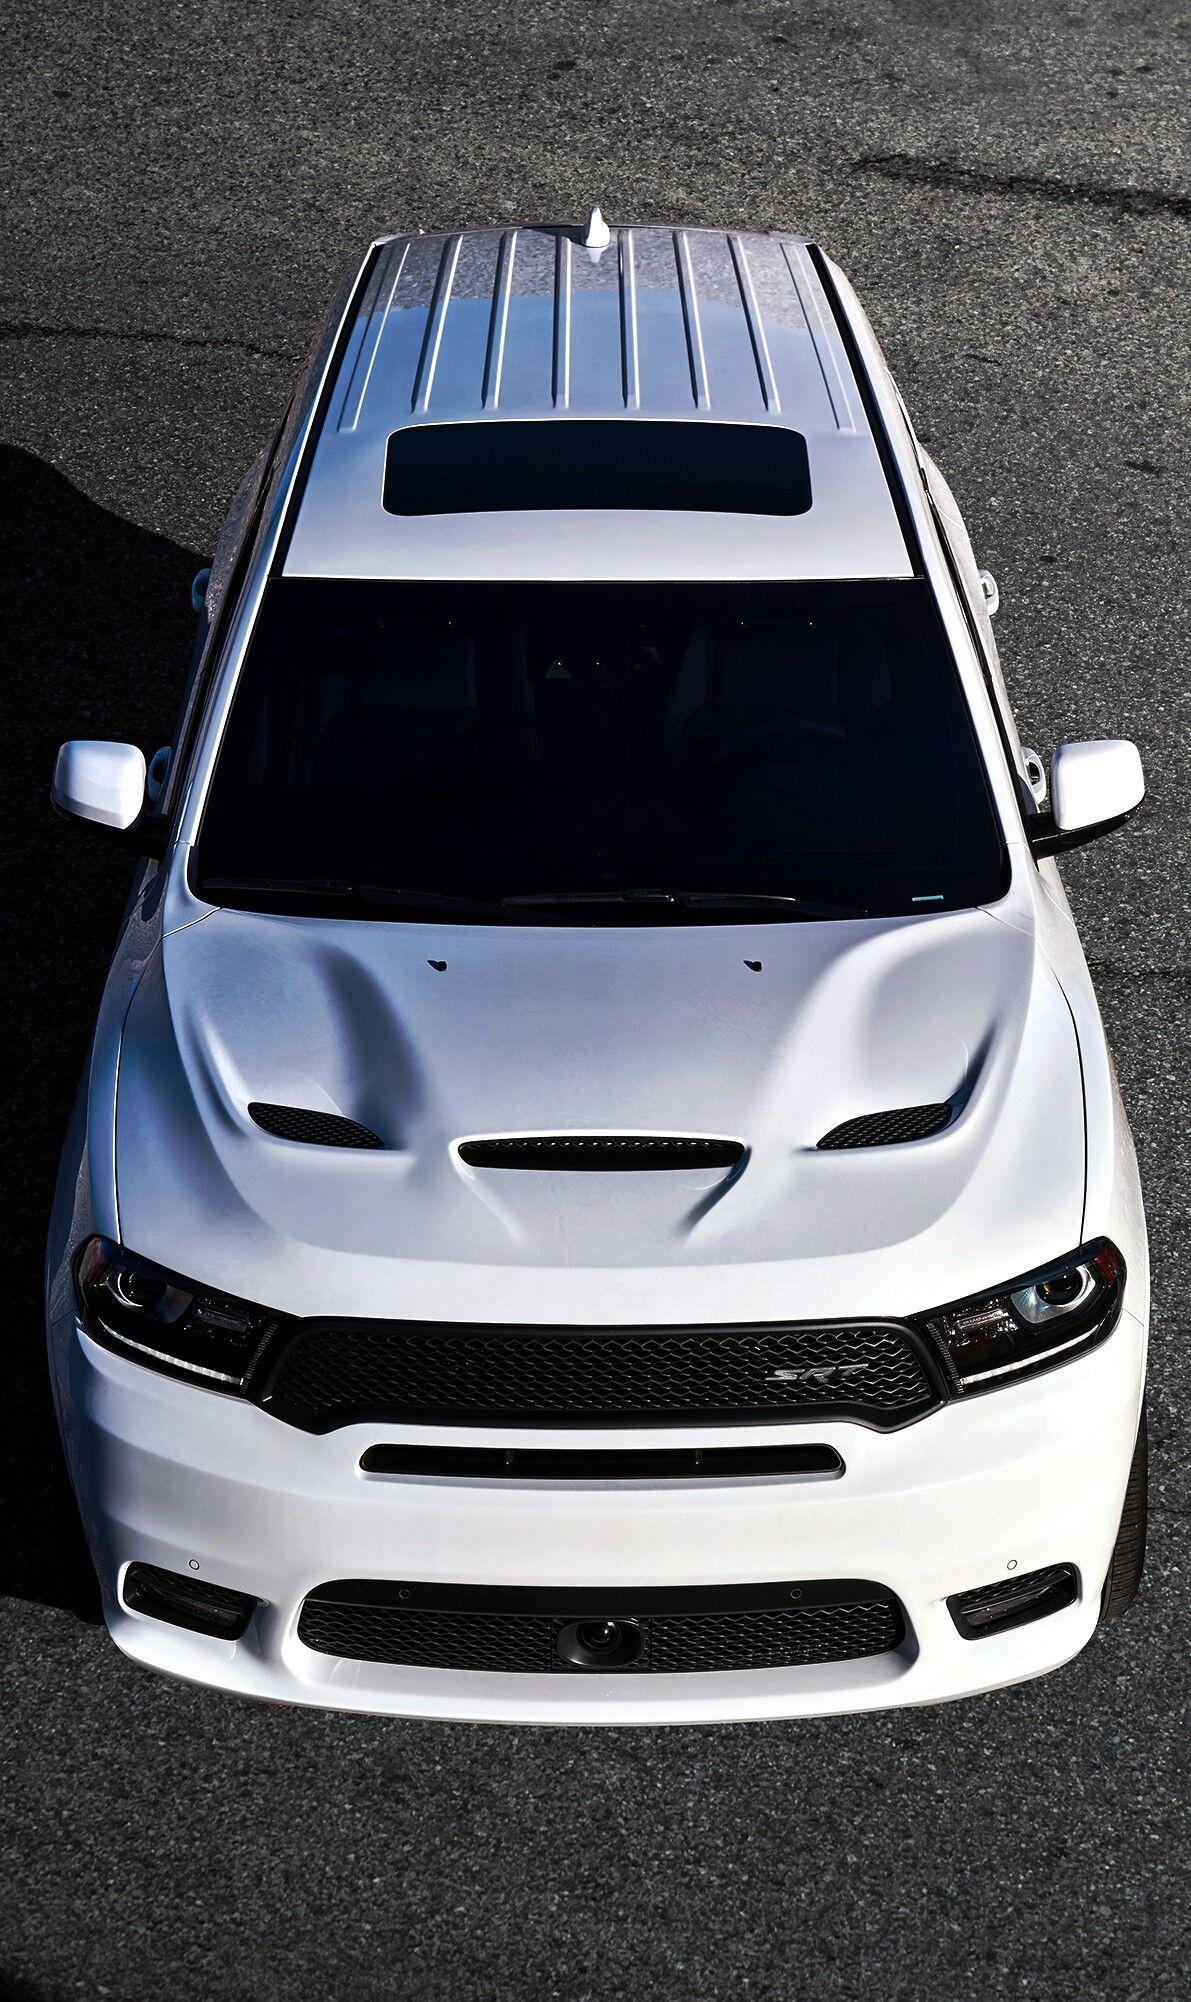 Dodge Durango Srt Hemi Put A Dodge In Your Garage Enhanced By Keely Vonmonski Dodge Durango Dodge Suv Dodge